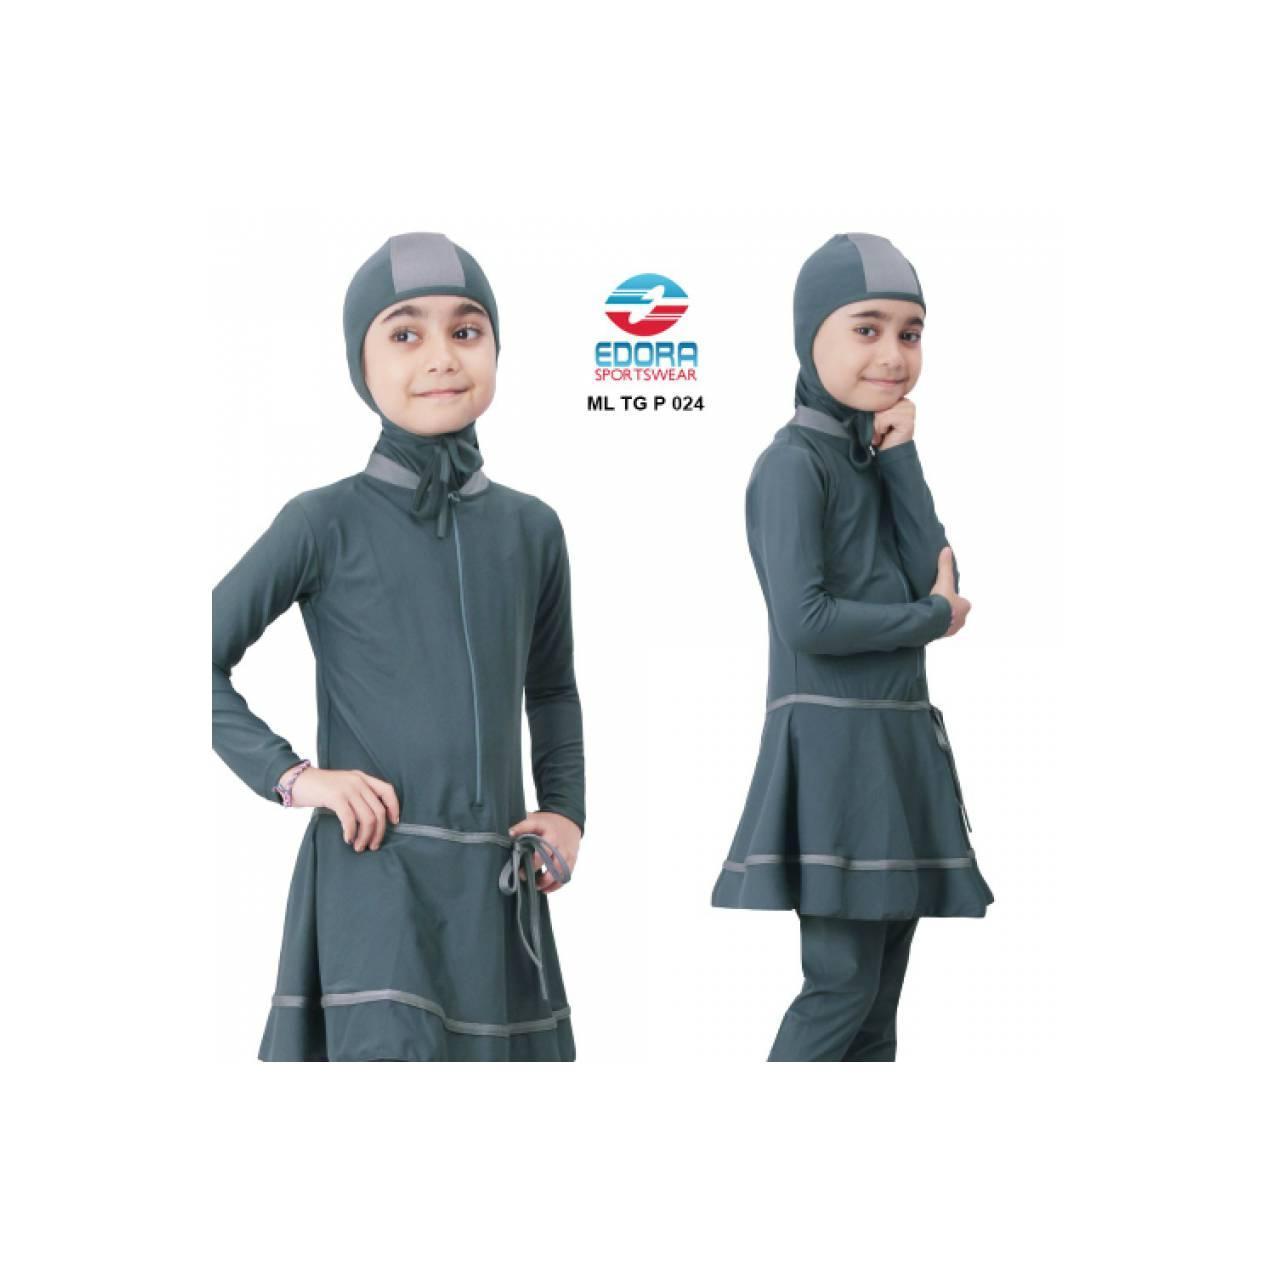 Kelebihan Baju Renang Muslim Muslimah Anak Sd Abg Perempuan Cewe Edora Ml Tg P